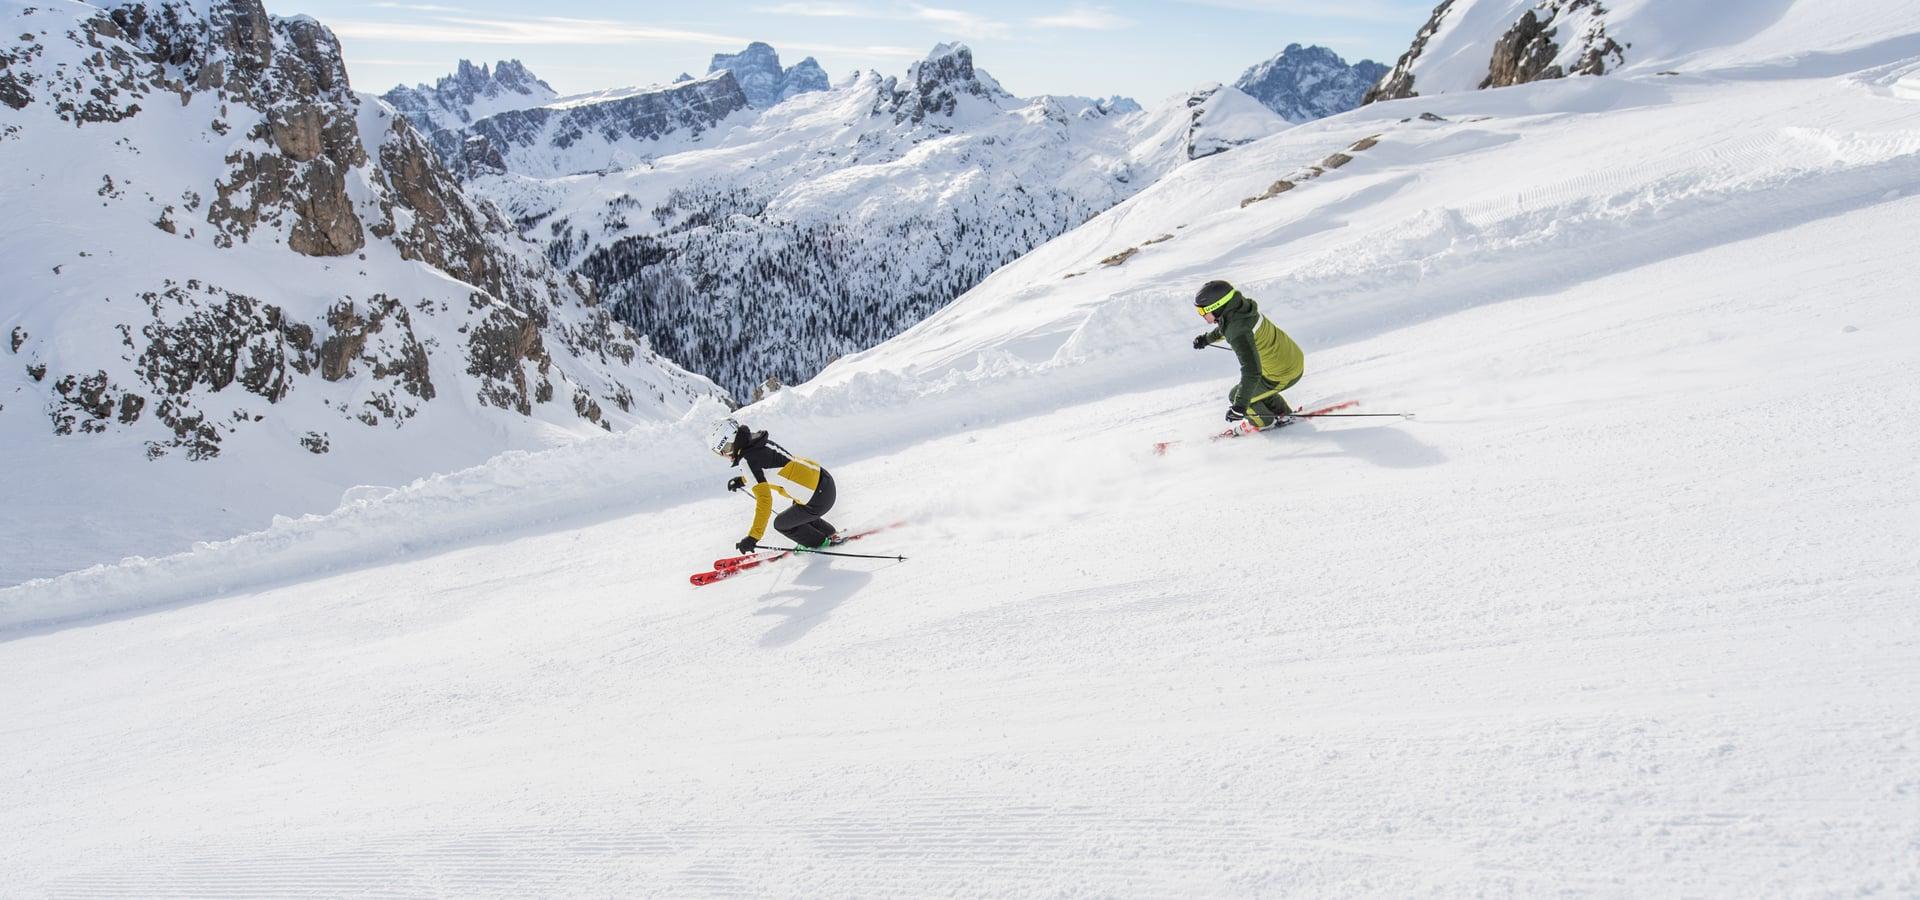 Ski Tuor Lagazuoi - Falzarego Pass